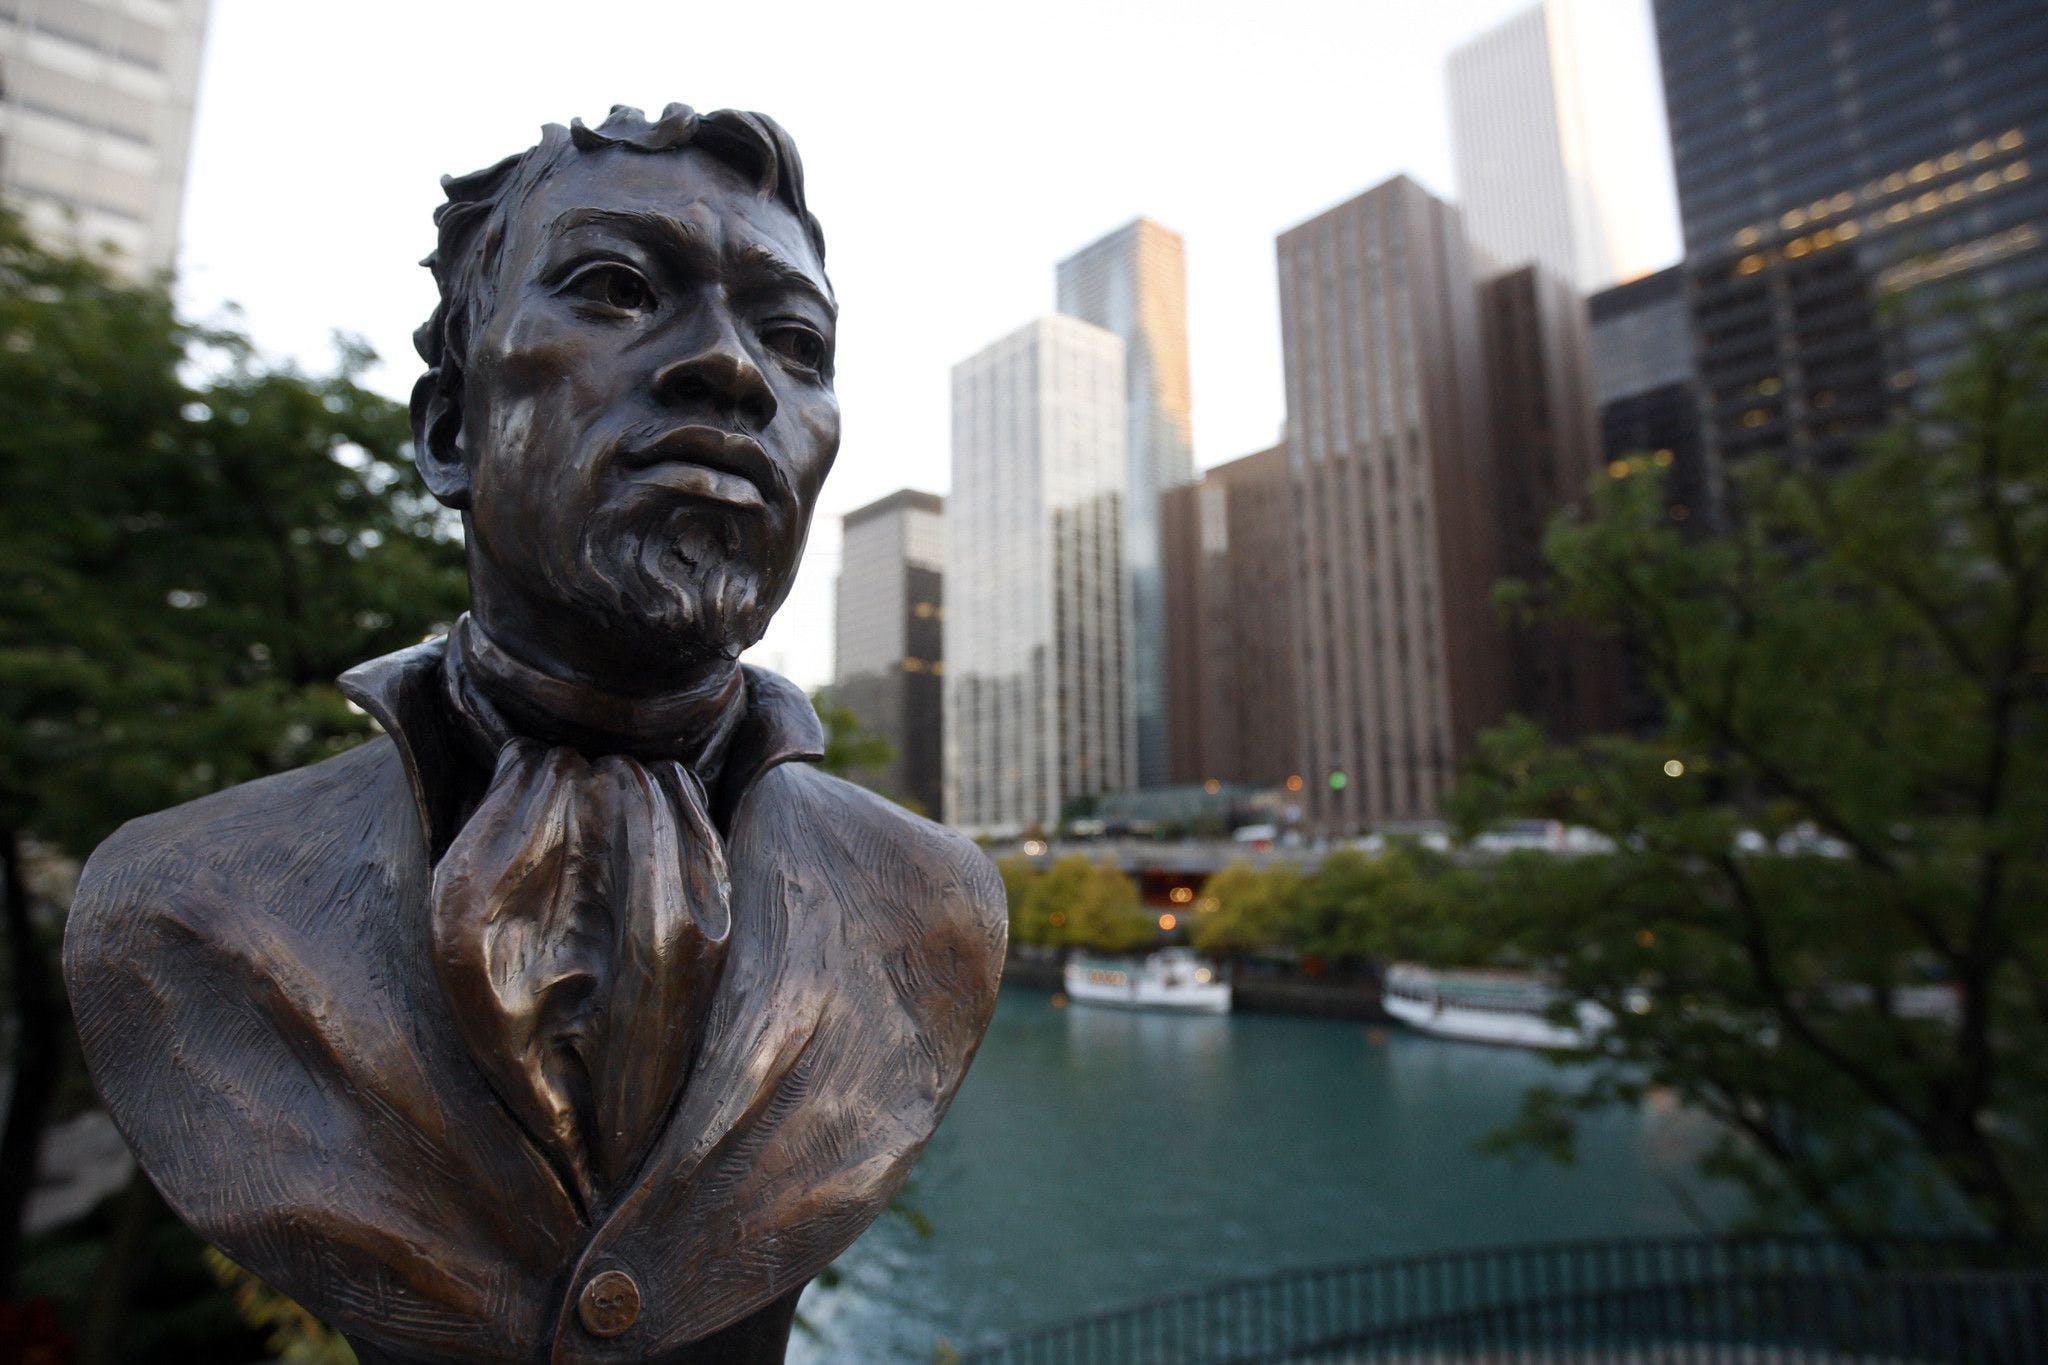 Chicago's Lake Shore Drive Renamed to Honor Haitian Settler